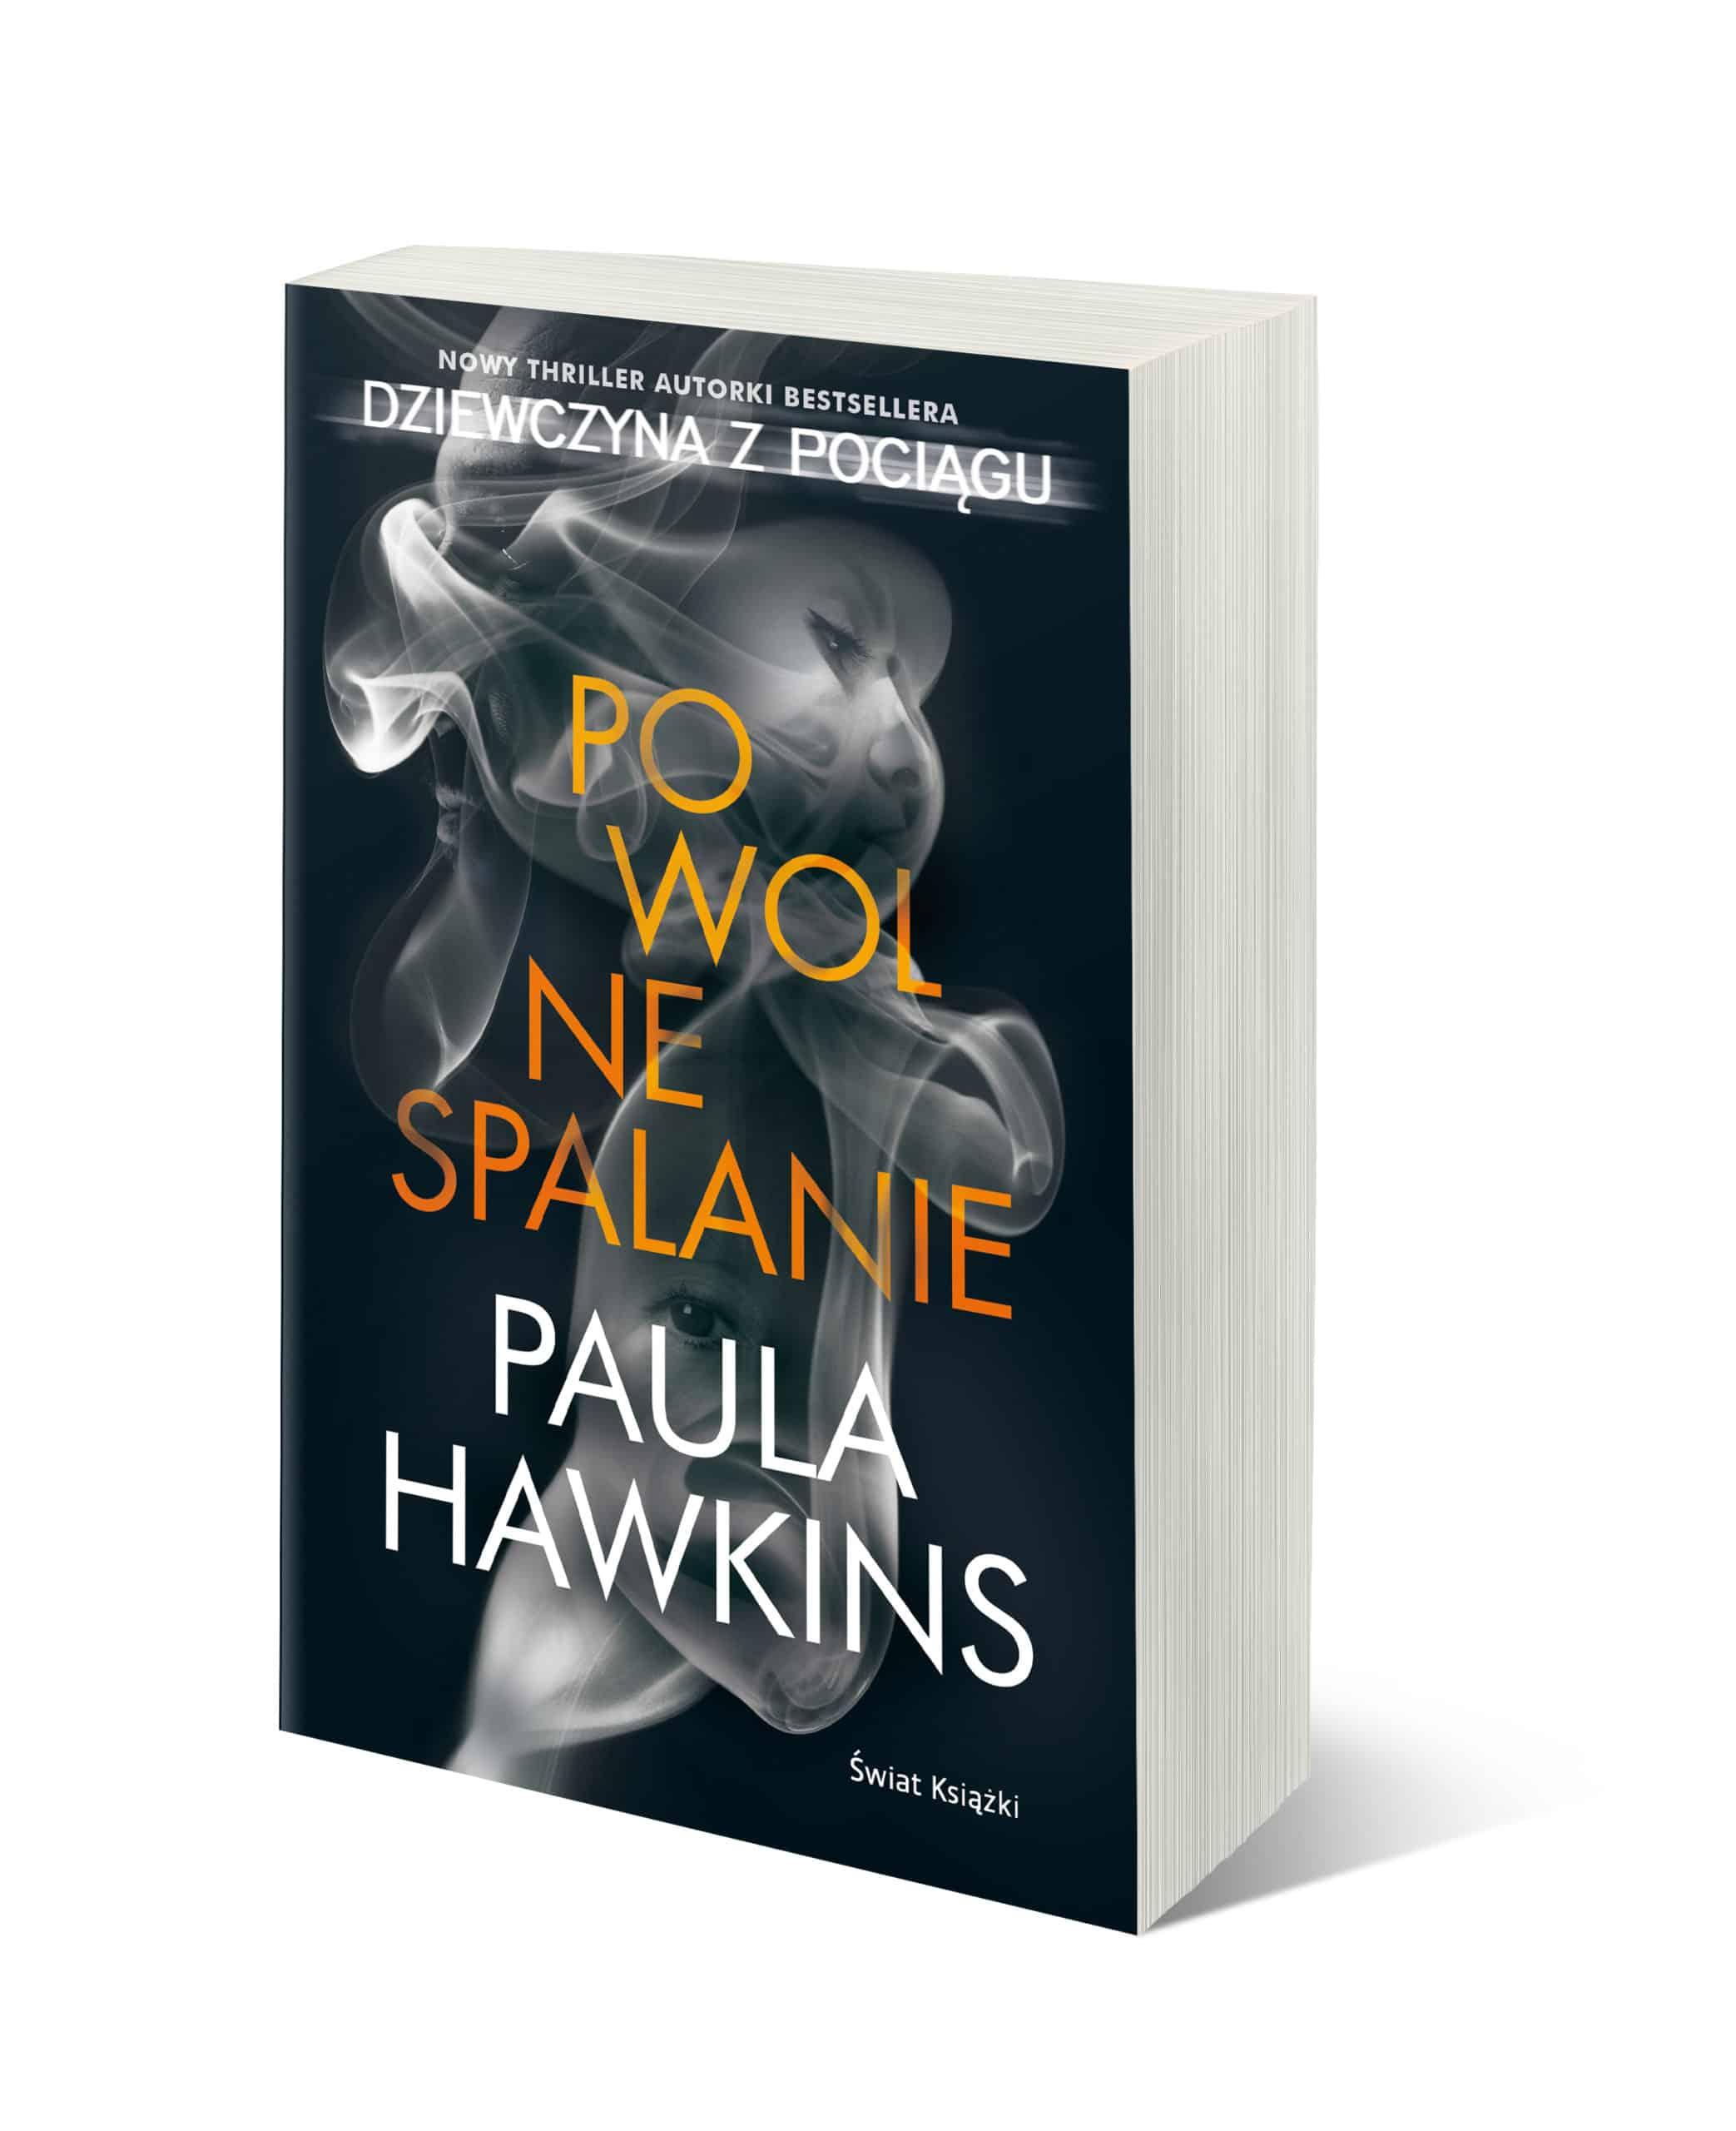 """""""Powolne spalanie"""" by Paula Hawkins, autorki powieści """"Dziewczyna z pociągu"""" i """"Zapisane w wodzie"""""""